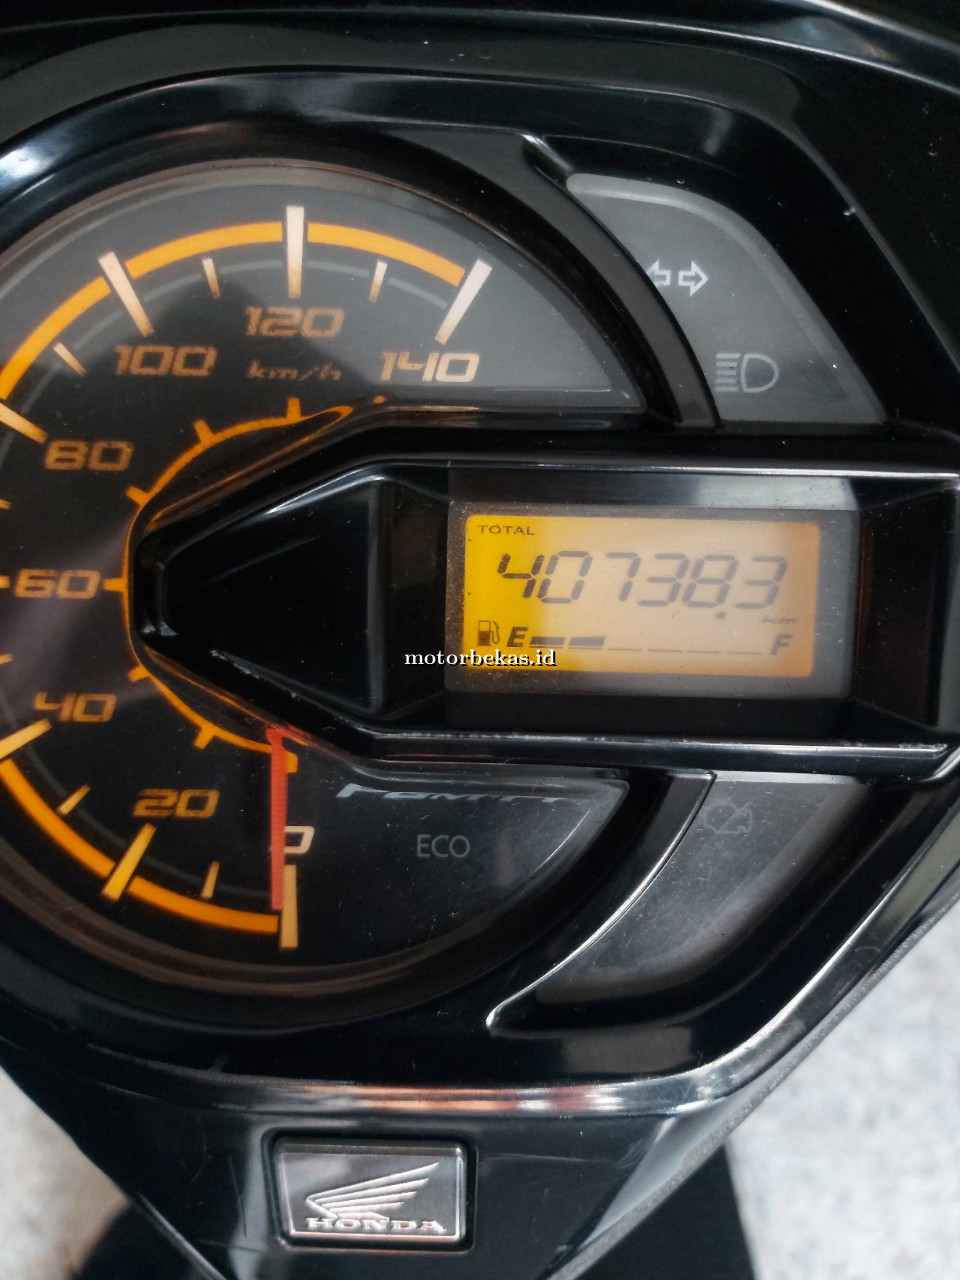 HONDA BEAT  36 motorbekas.id